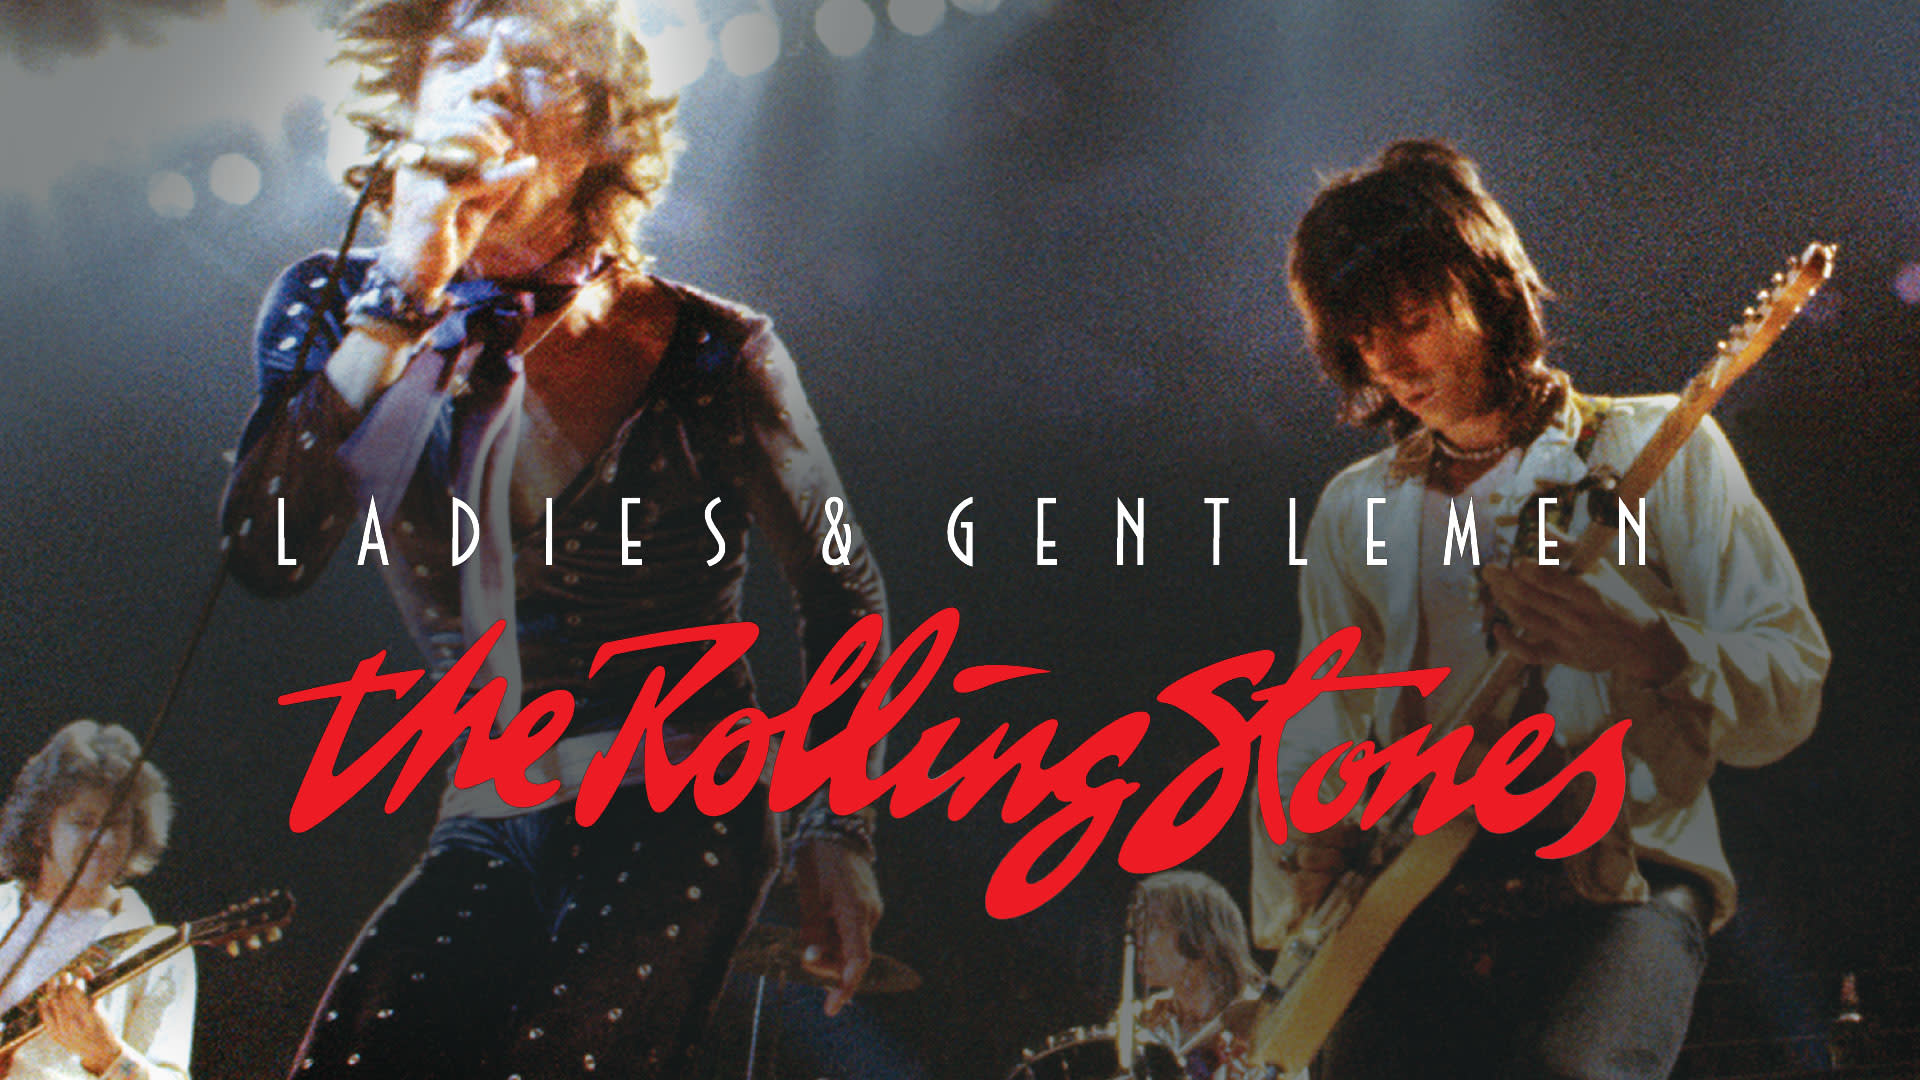 Gentlemen ladies & rolling stones The Rolling